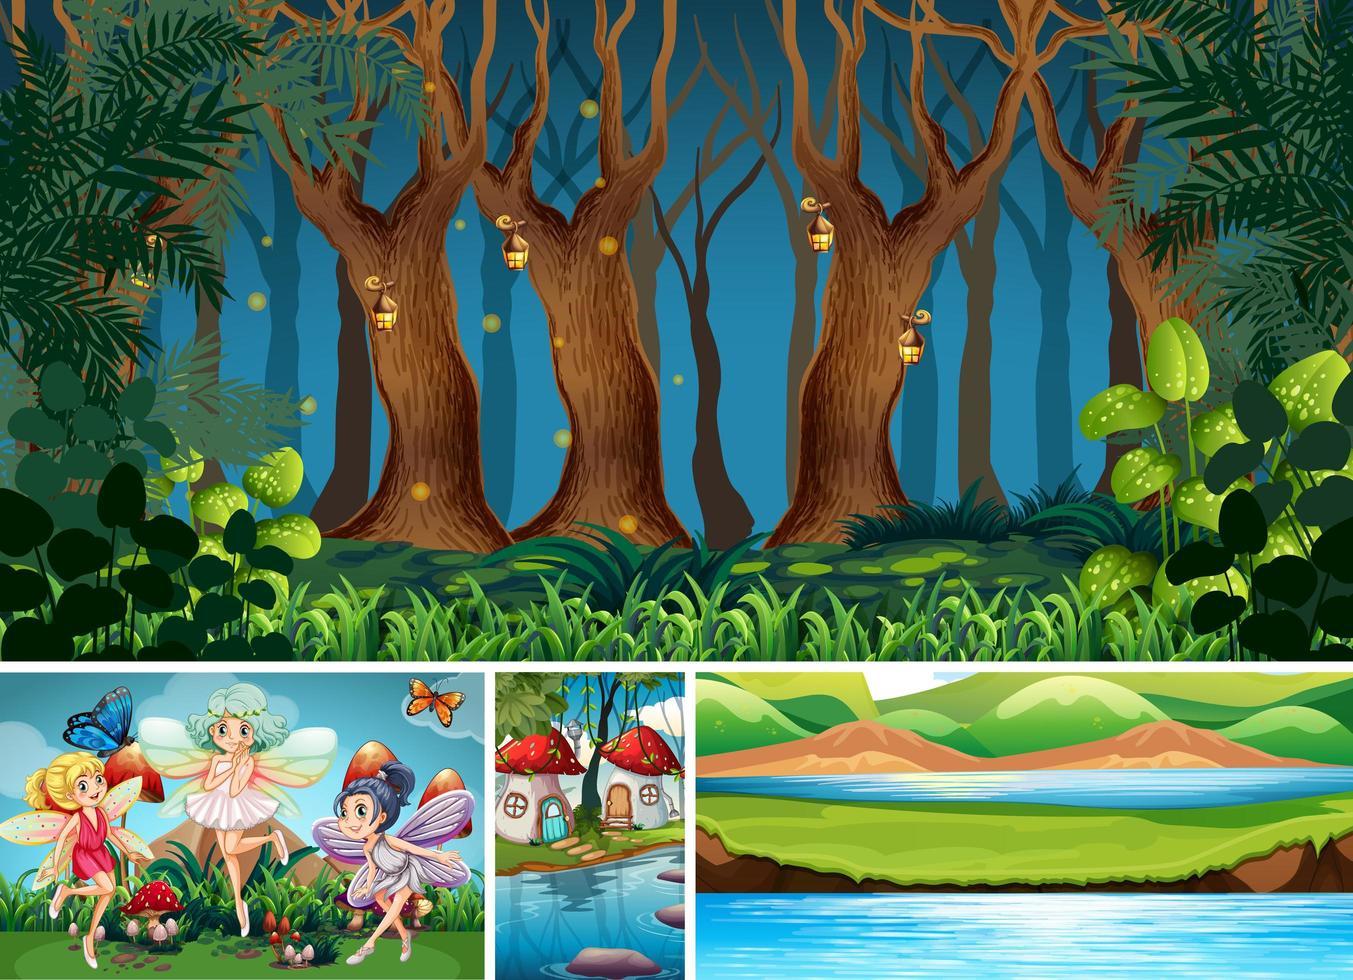 cuatro escenas diferentes del mundo de fantasía. vector